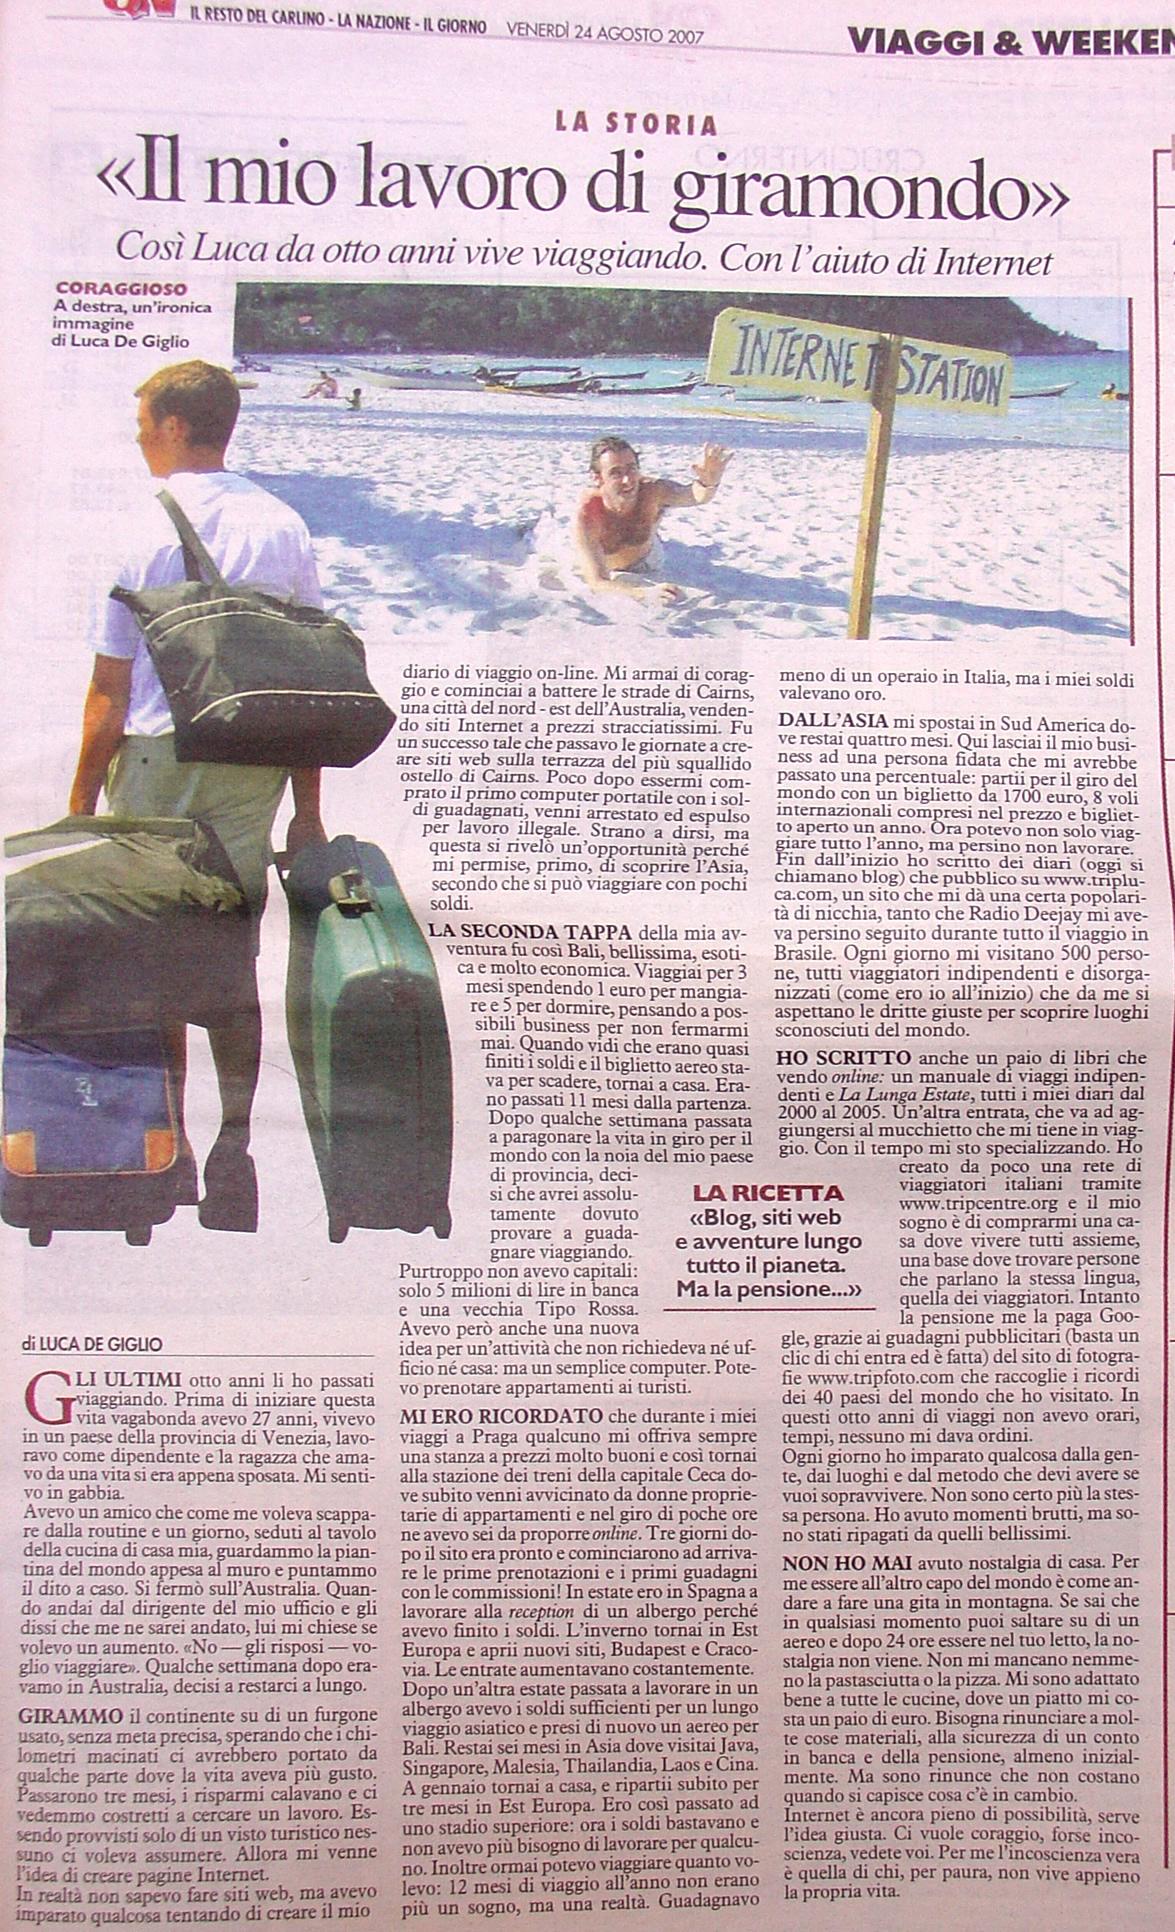 Il mio articolo sul Giorno/Nazione/Resto del Carlino